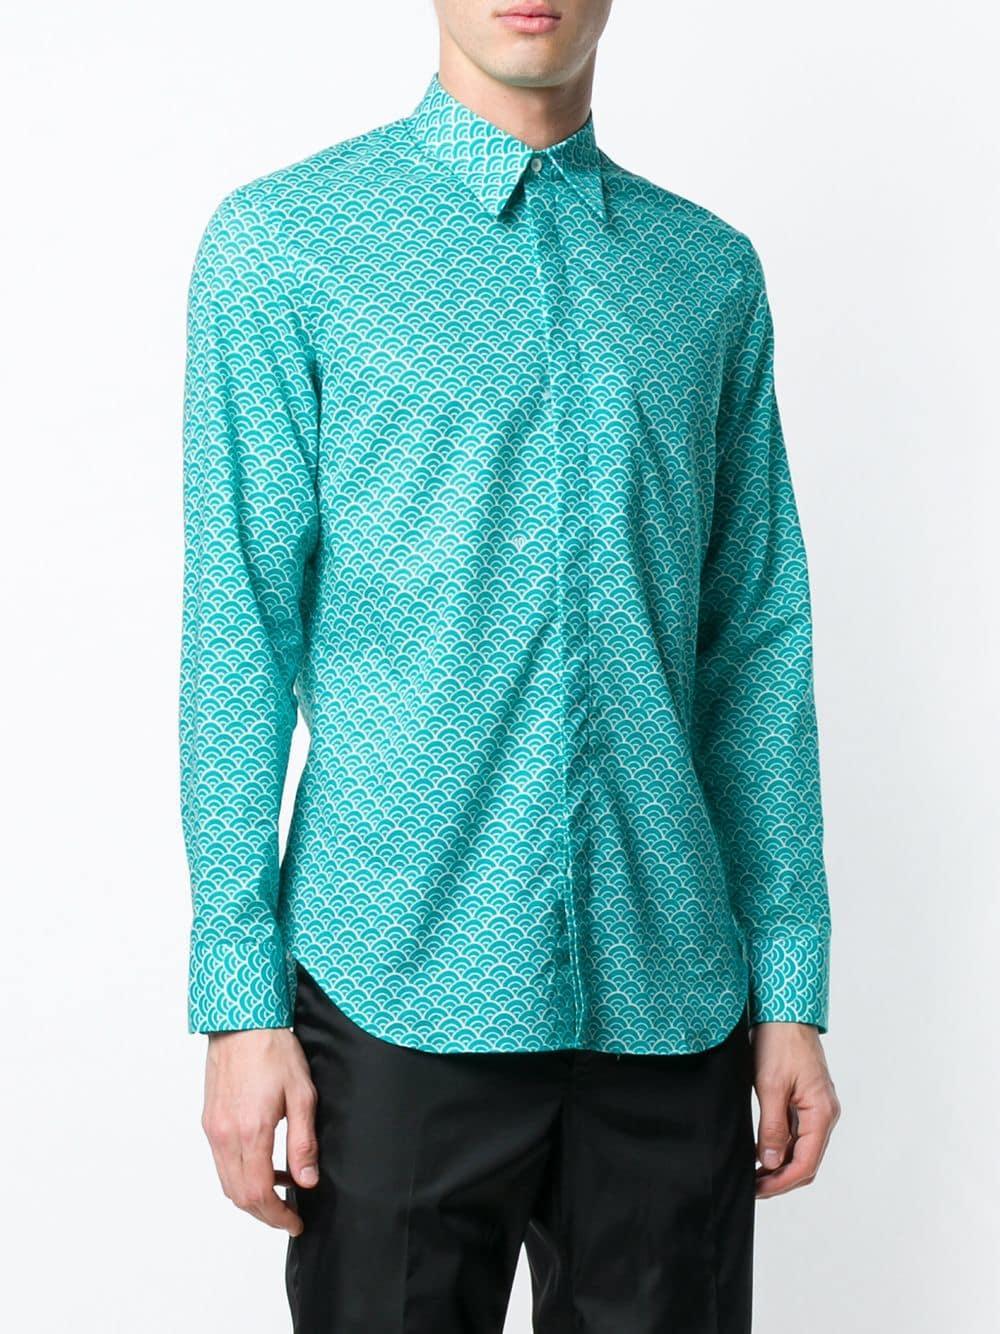 Maison Margiela Katoen Overhemd Met Golvend Patroon in het Blauw voor heren